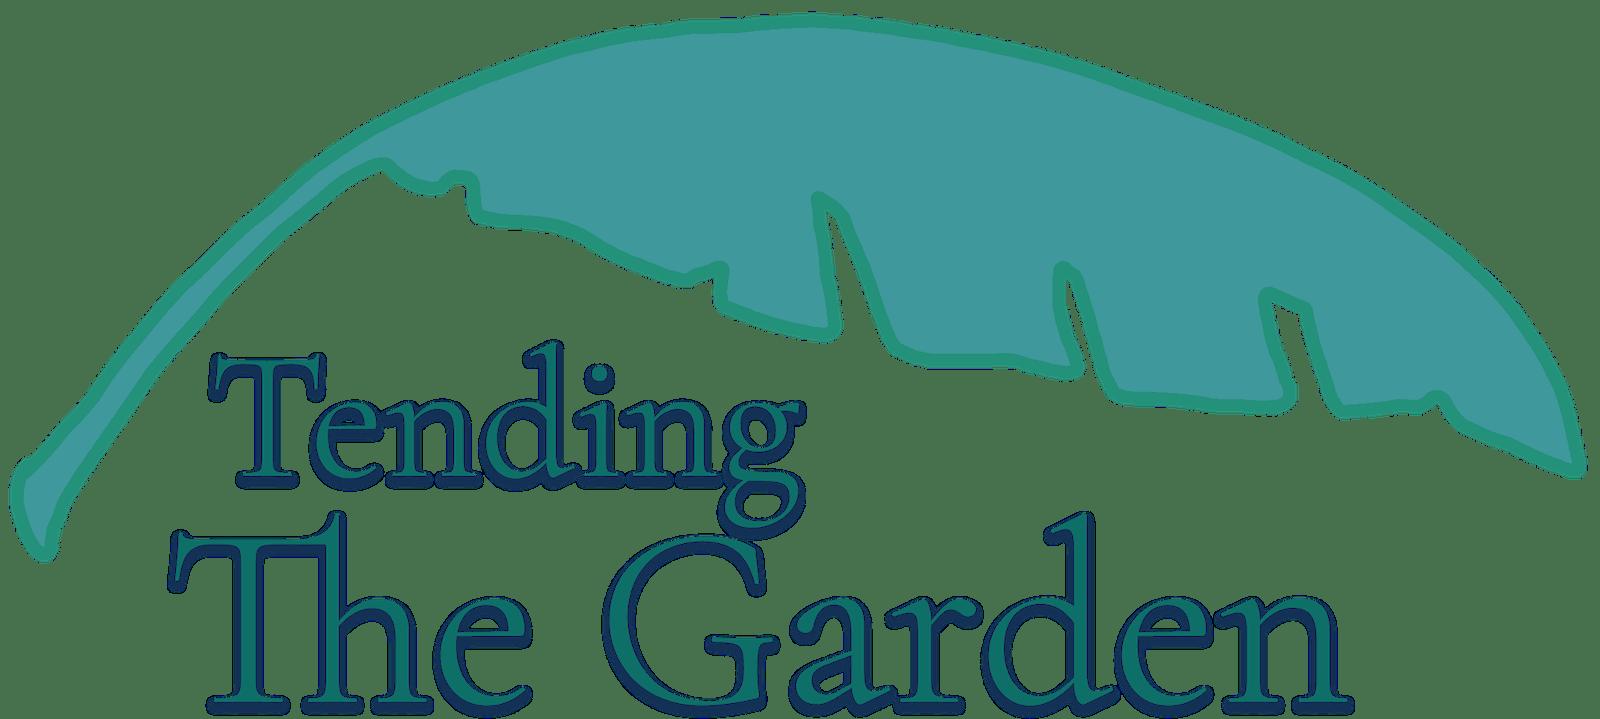 DONATE TO TENDING THE GARDEN